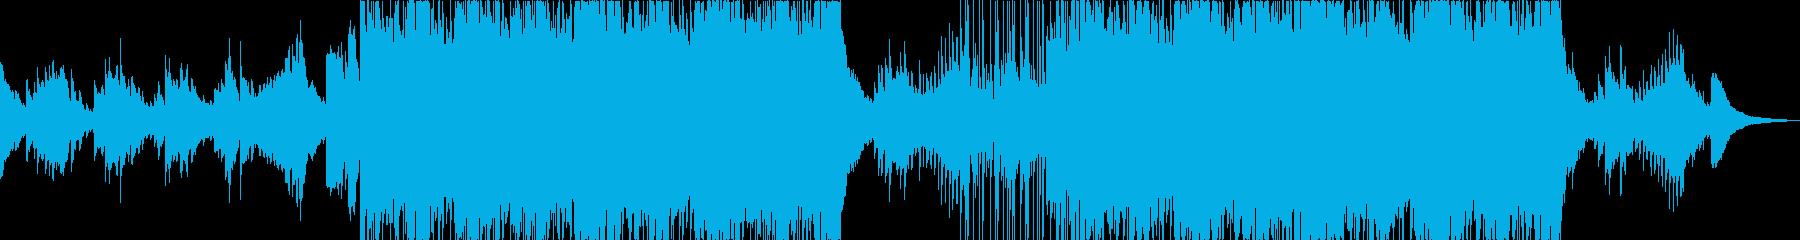 マイナー・壮大なイメージのロックバラードの再生済みの波形